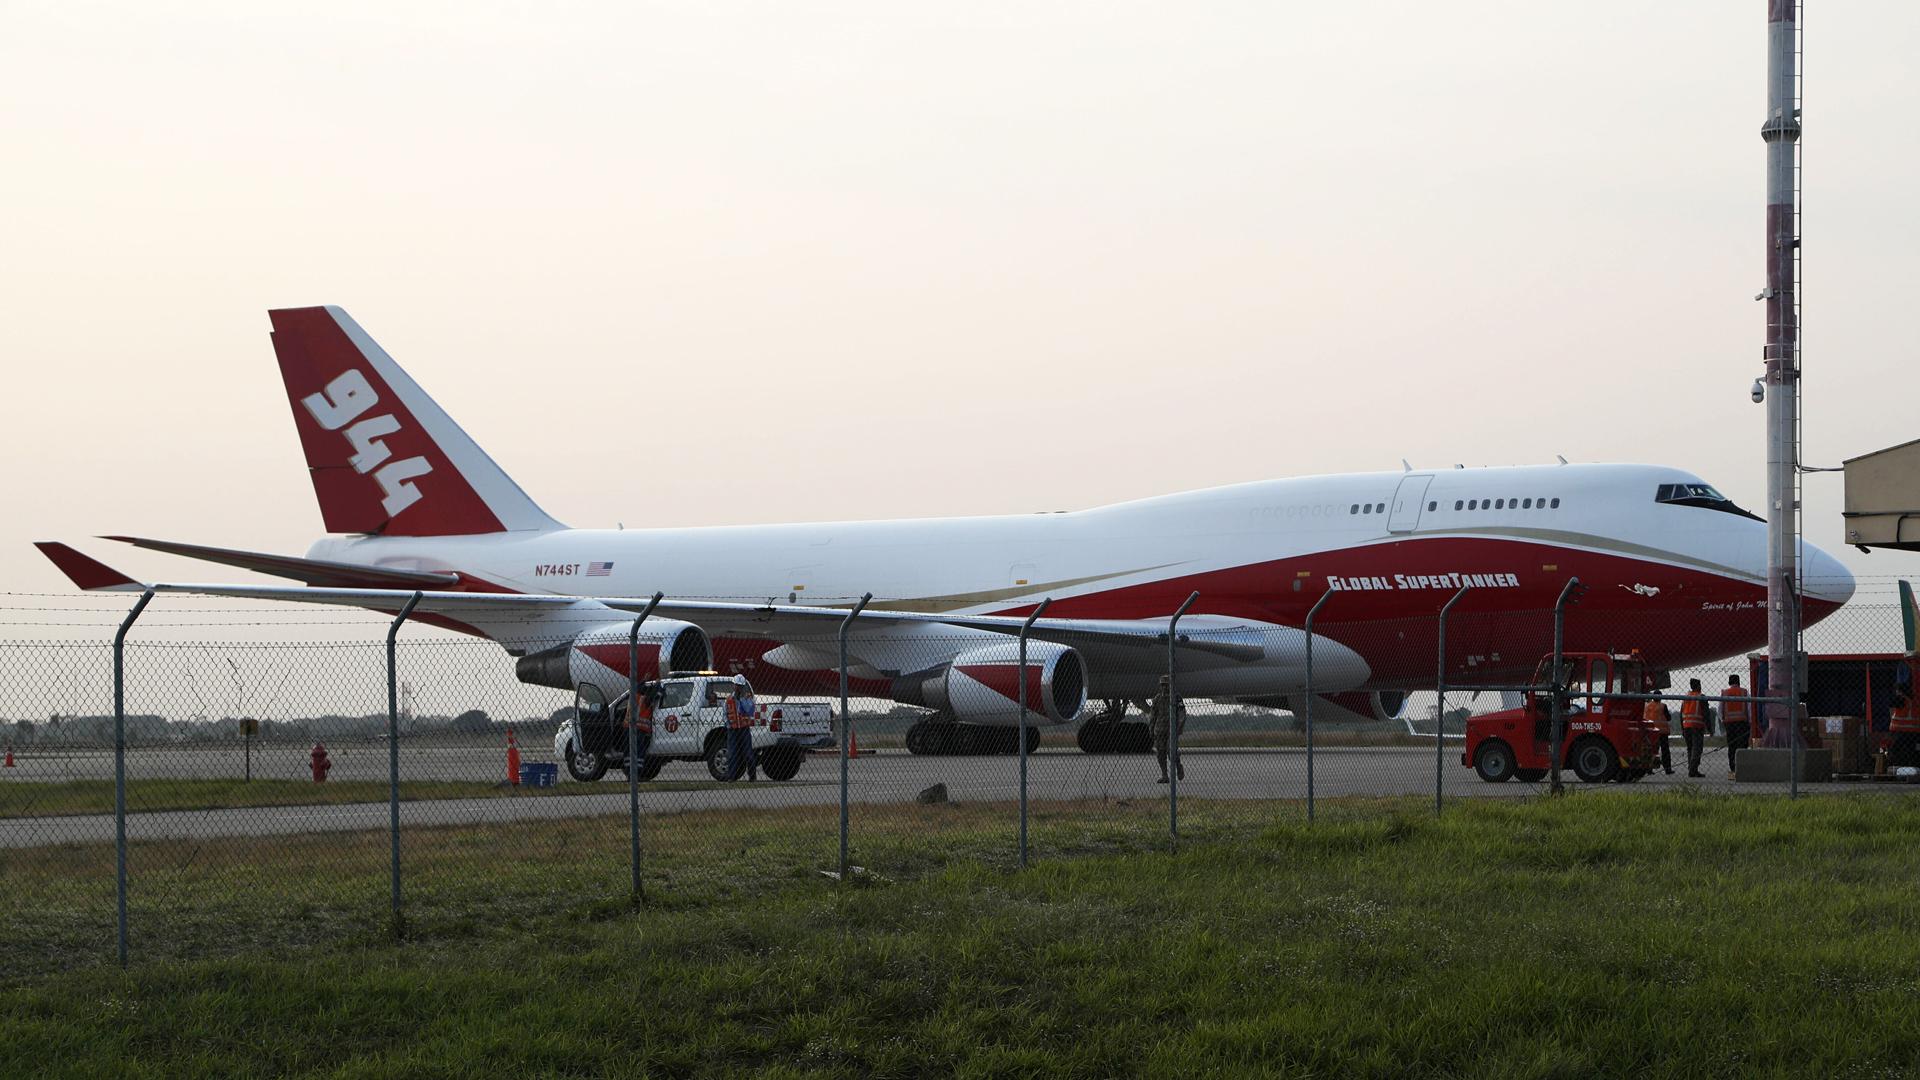 Activan a un avión SuperTanker para combatir las llamas forestales